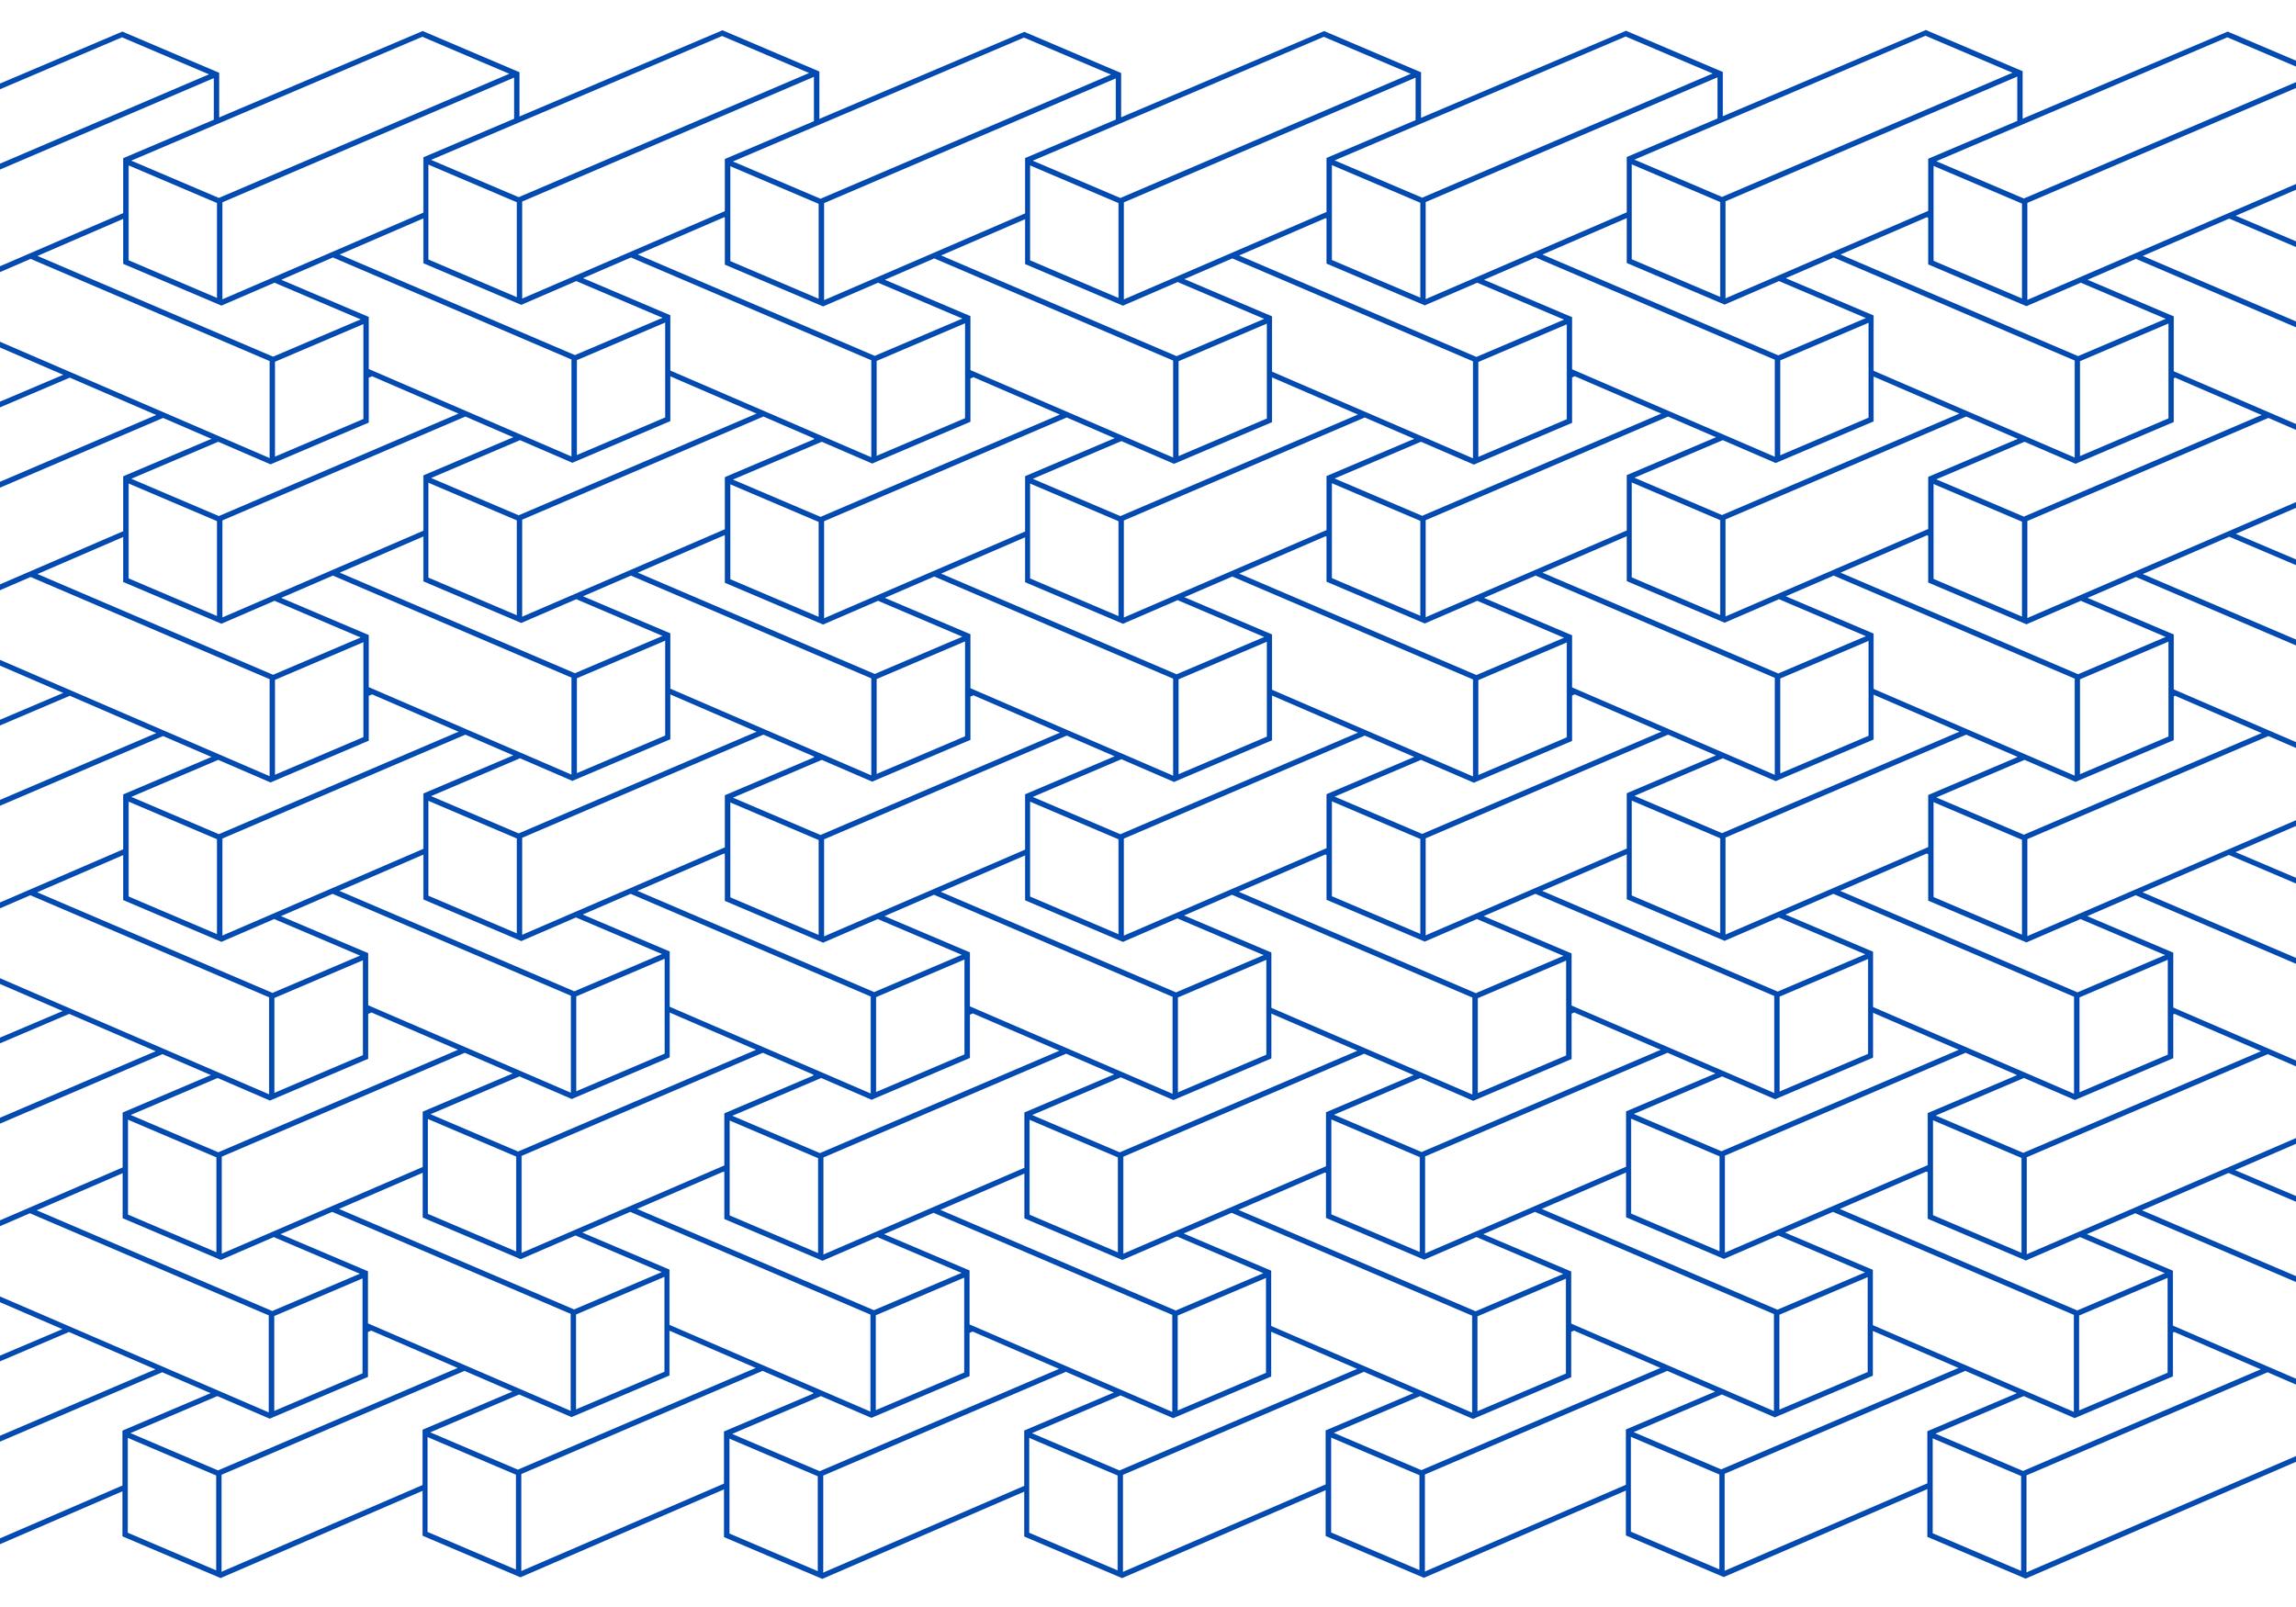 Maker Assembly Block Pattern